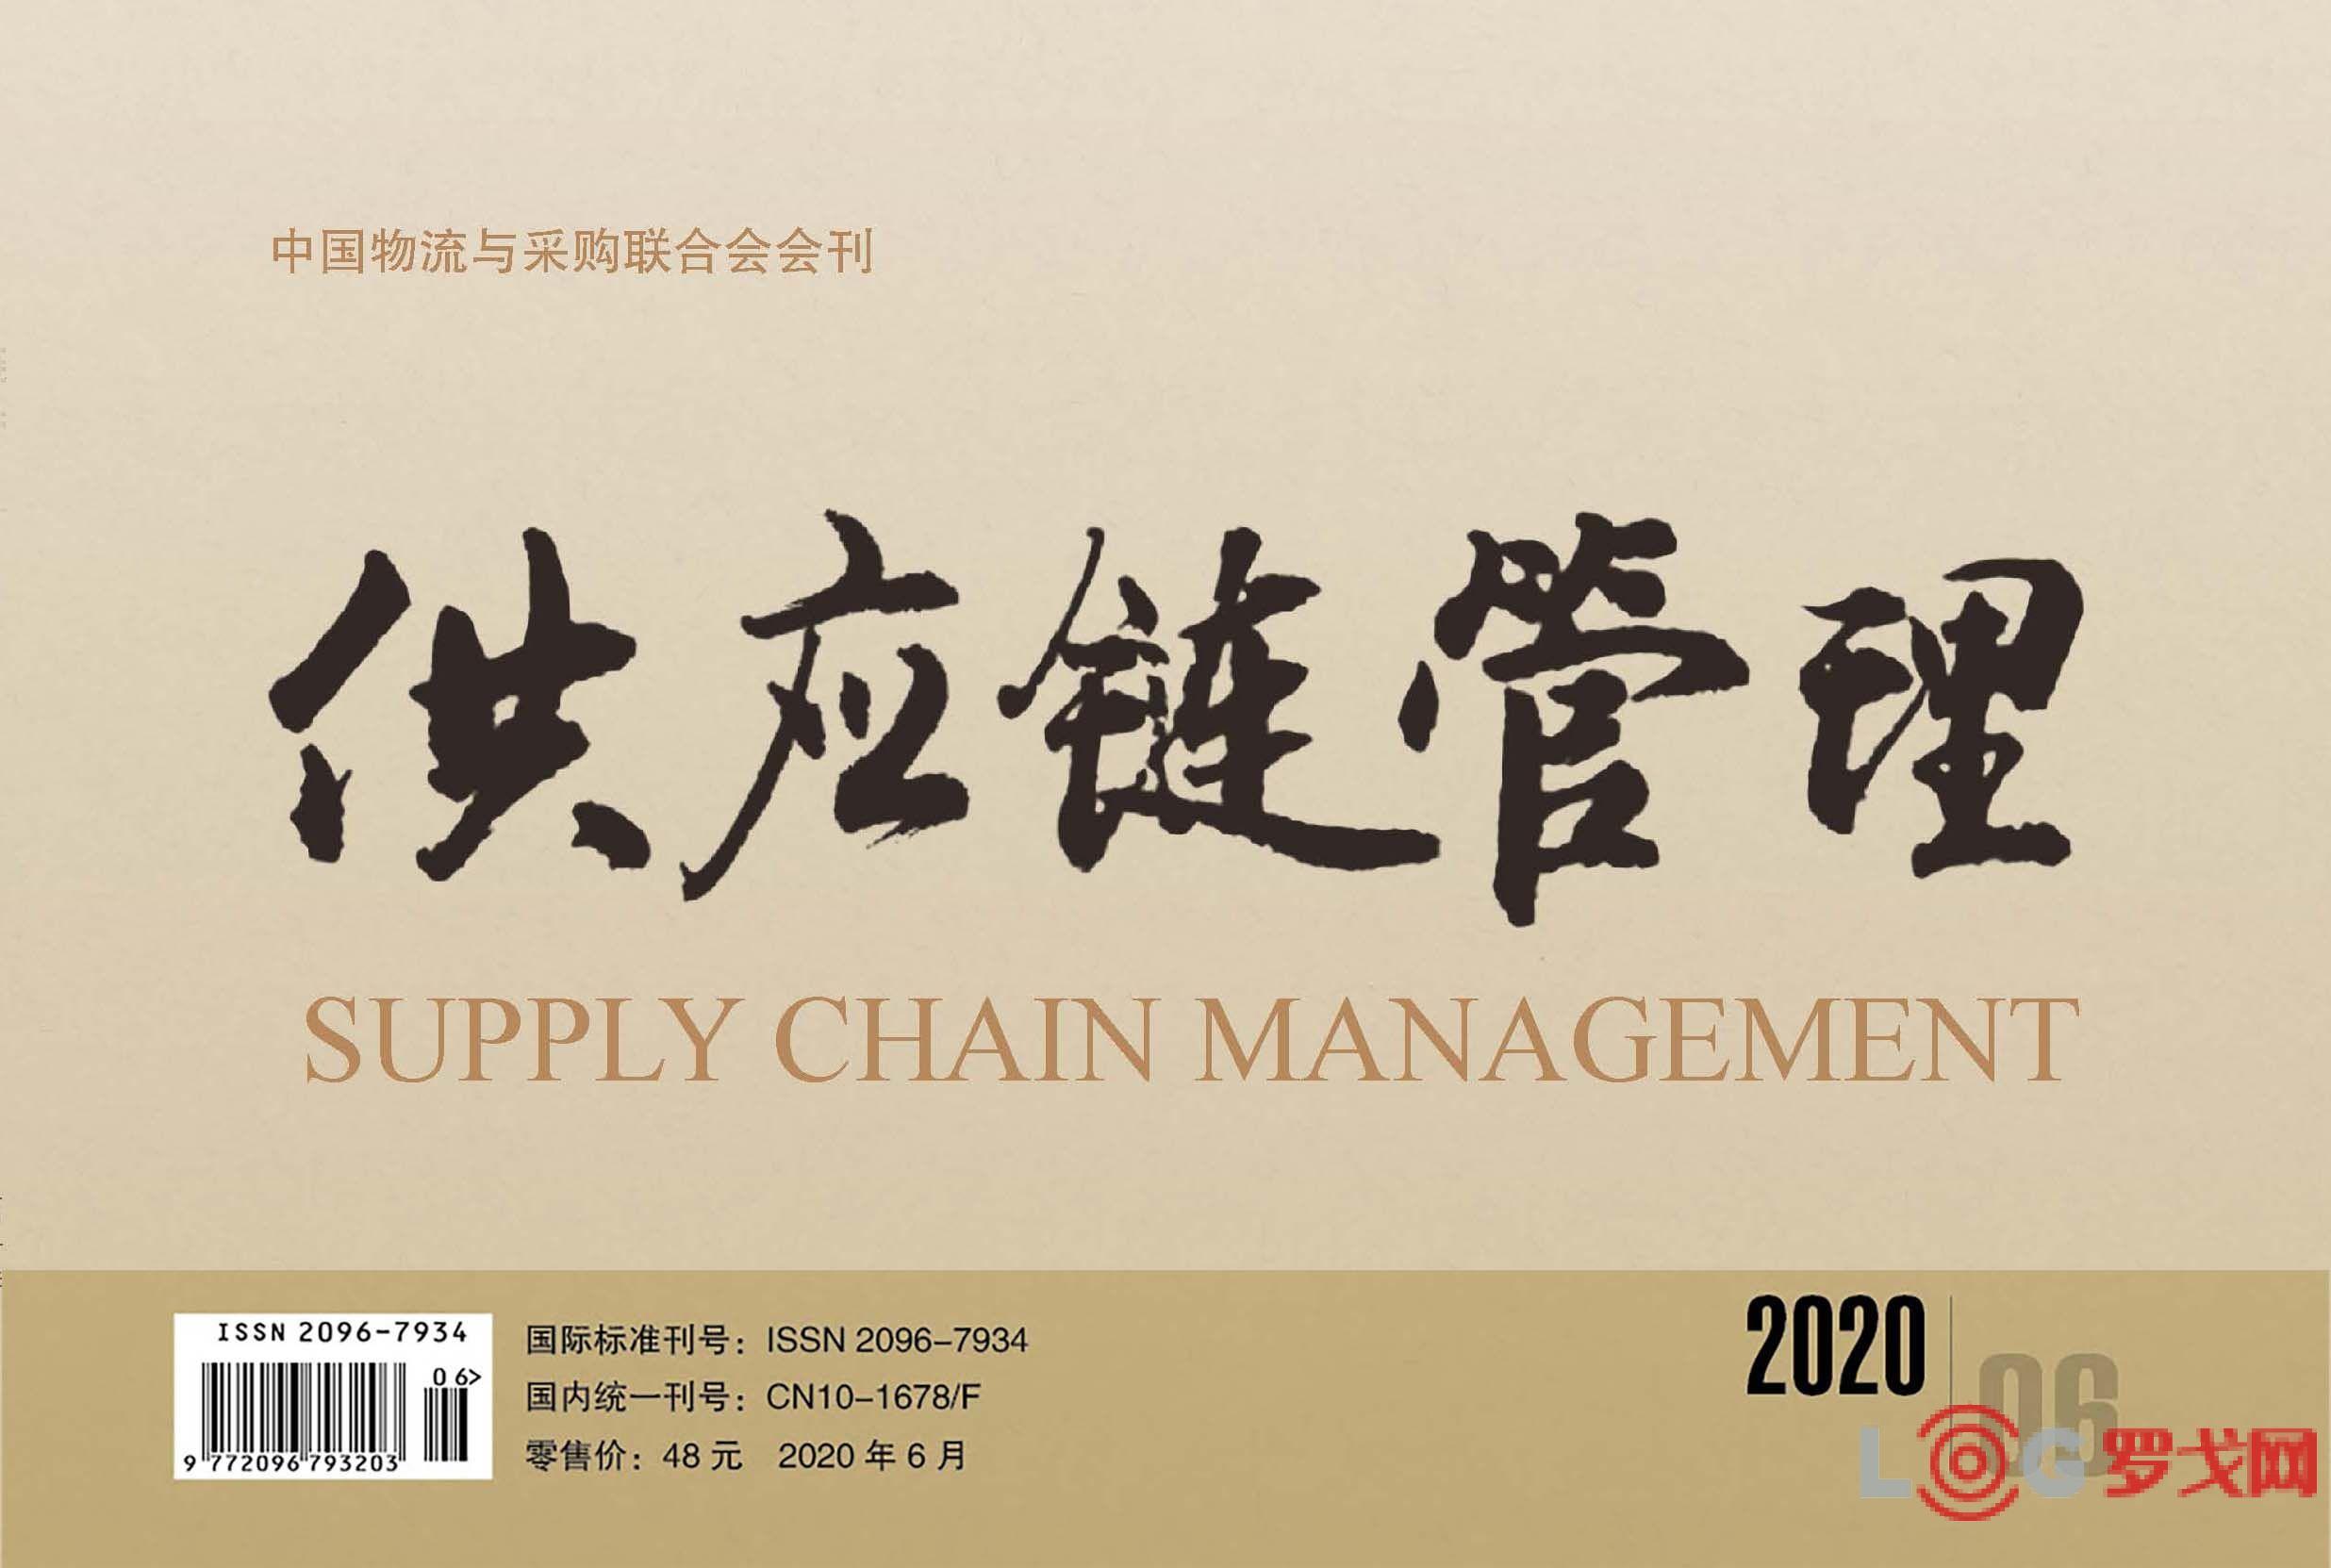 中國唯一《供應鏈管理》雜志電子版 2020-06期